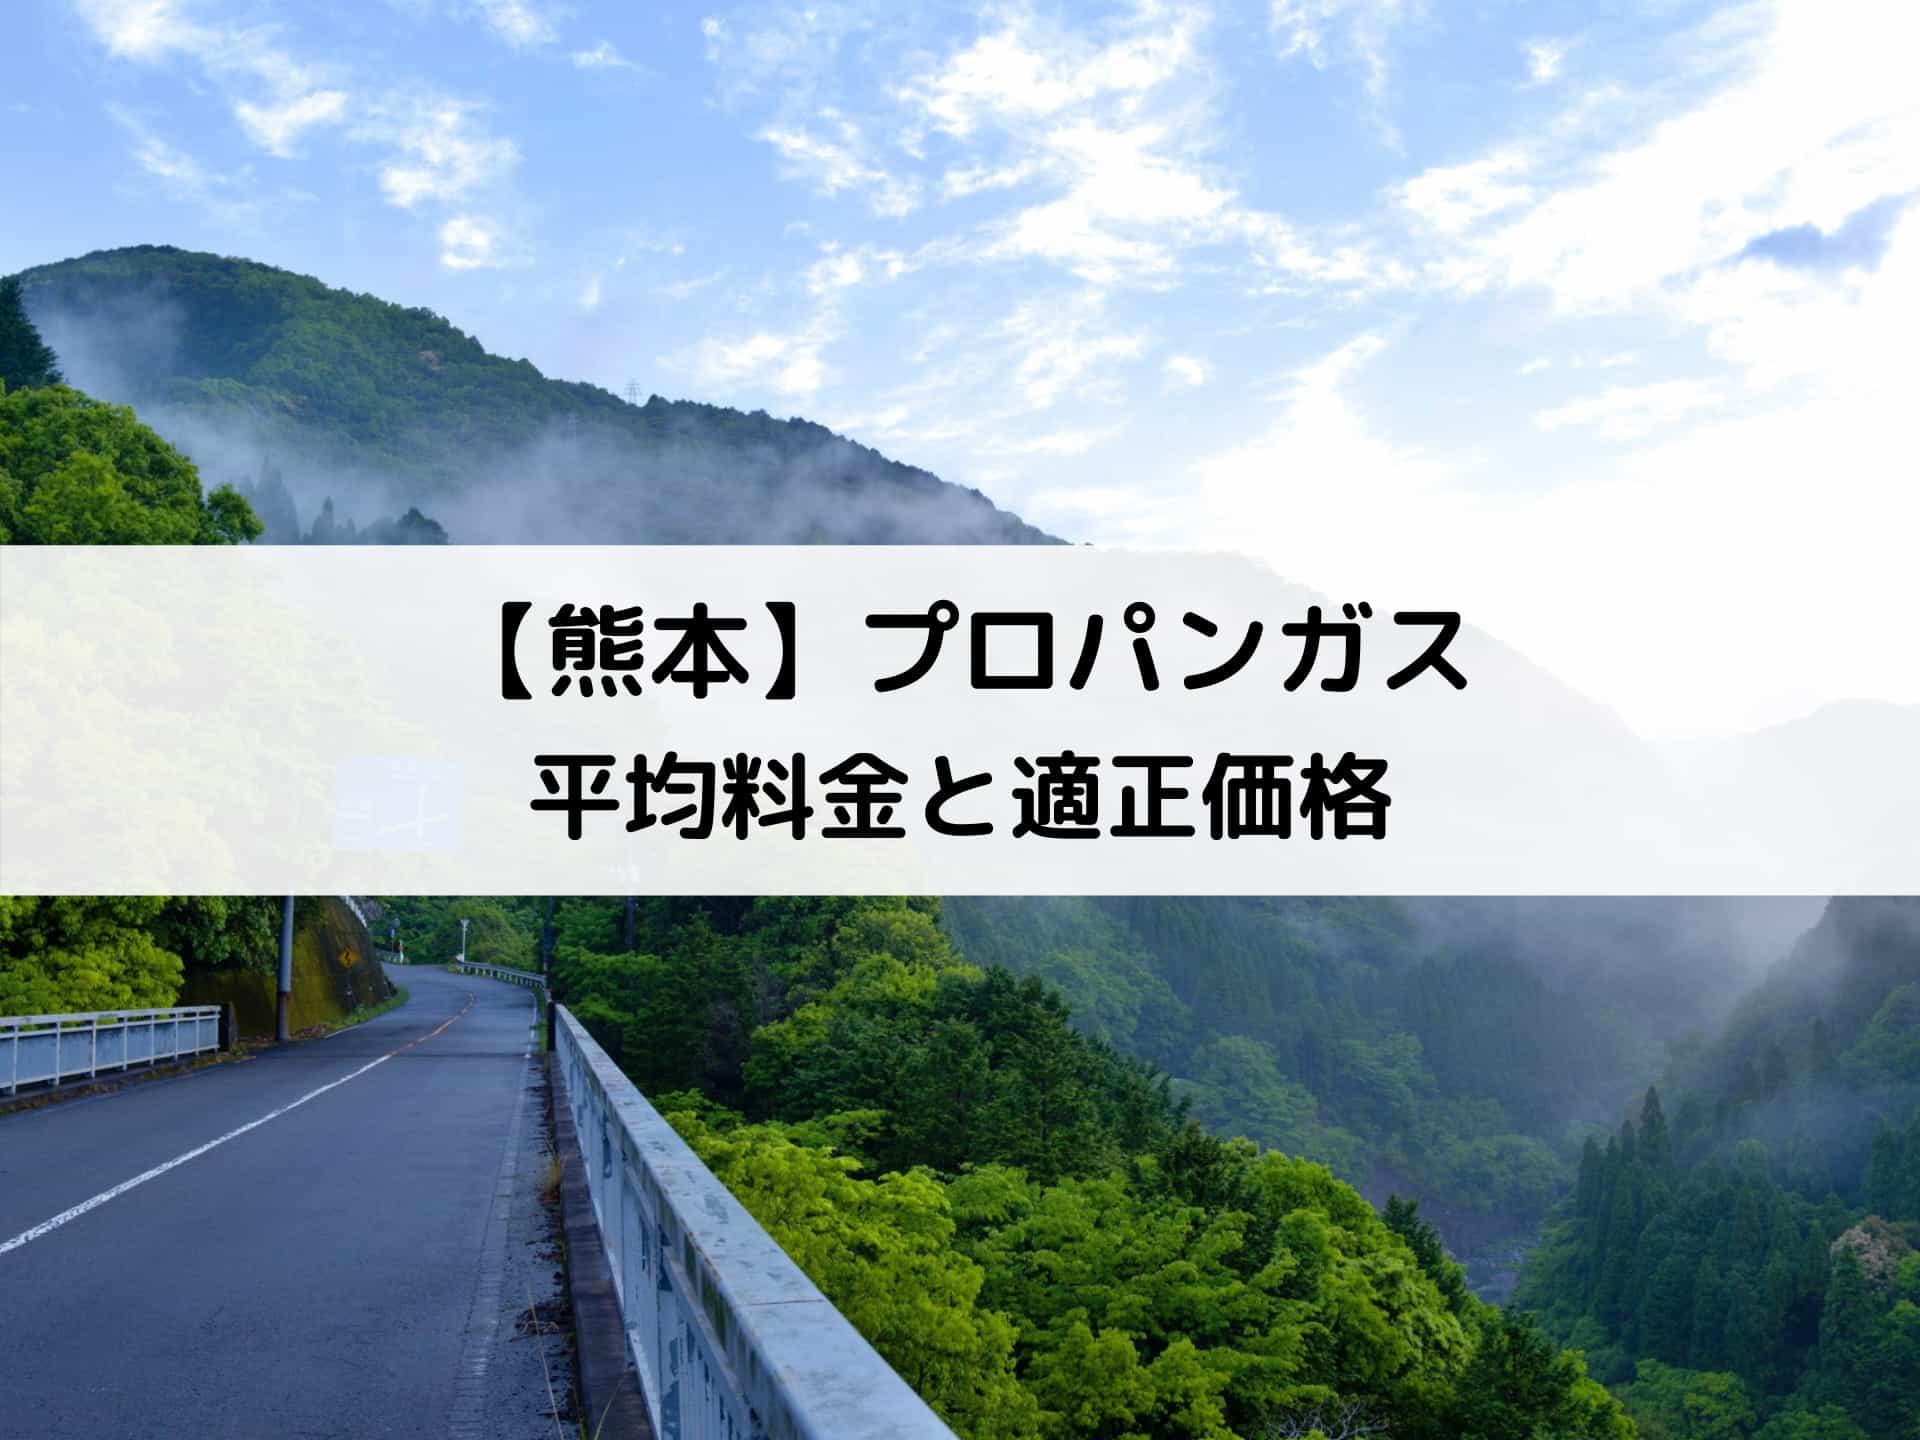 【熊本】プロパンガス(LPガス)の平均料金と適正価格|安く利用できるガス会社は?